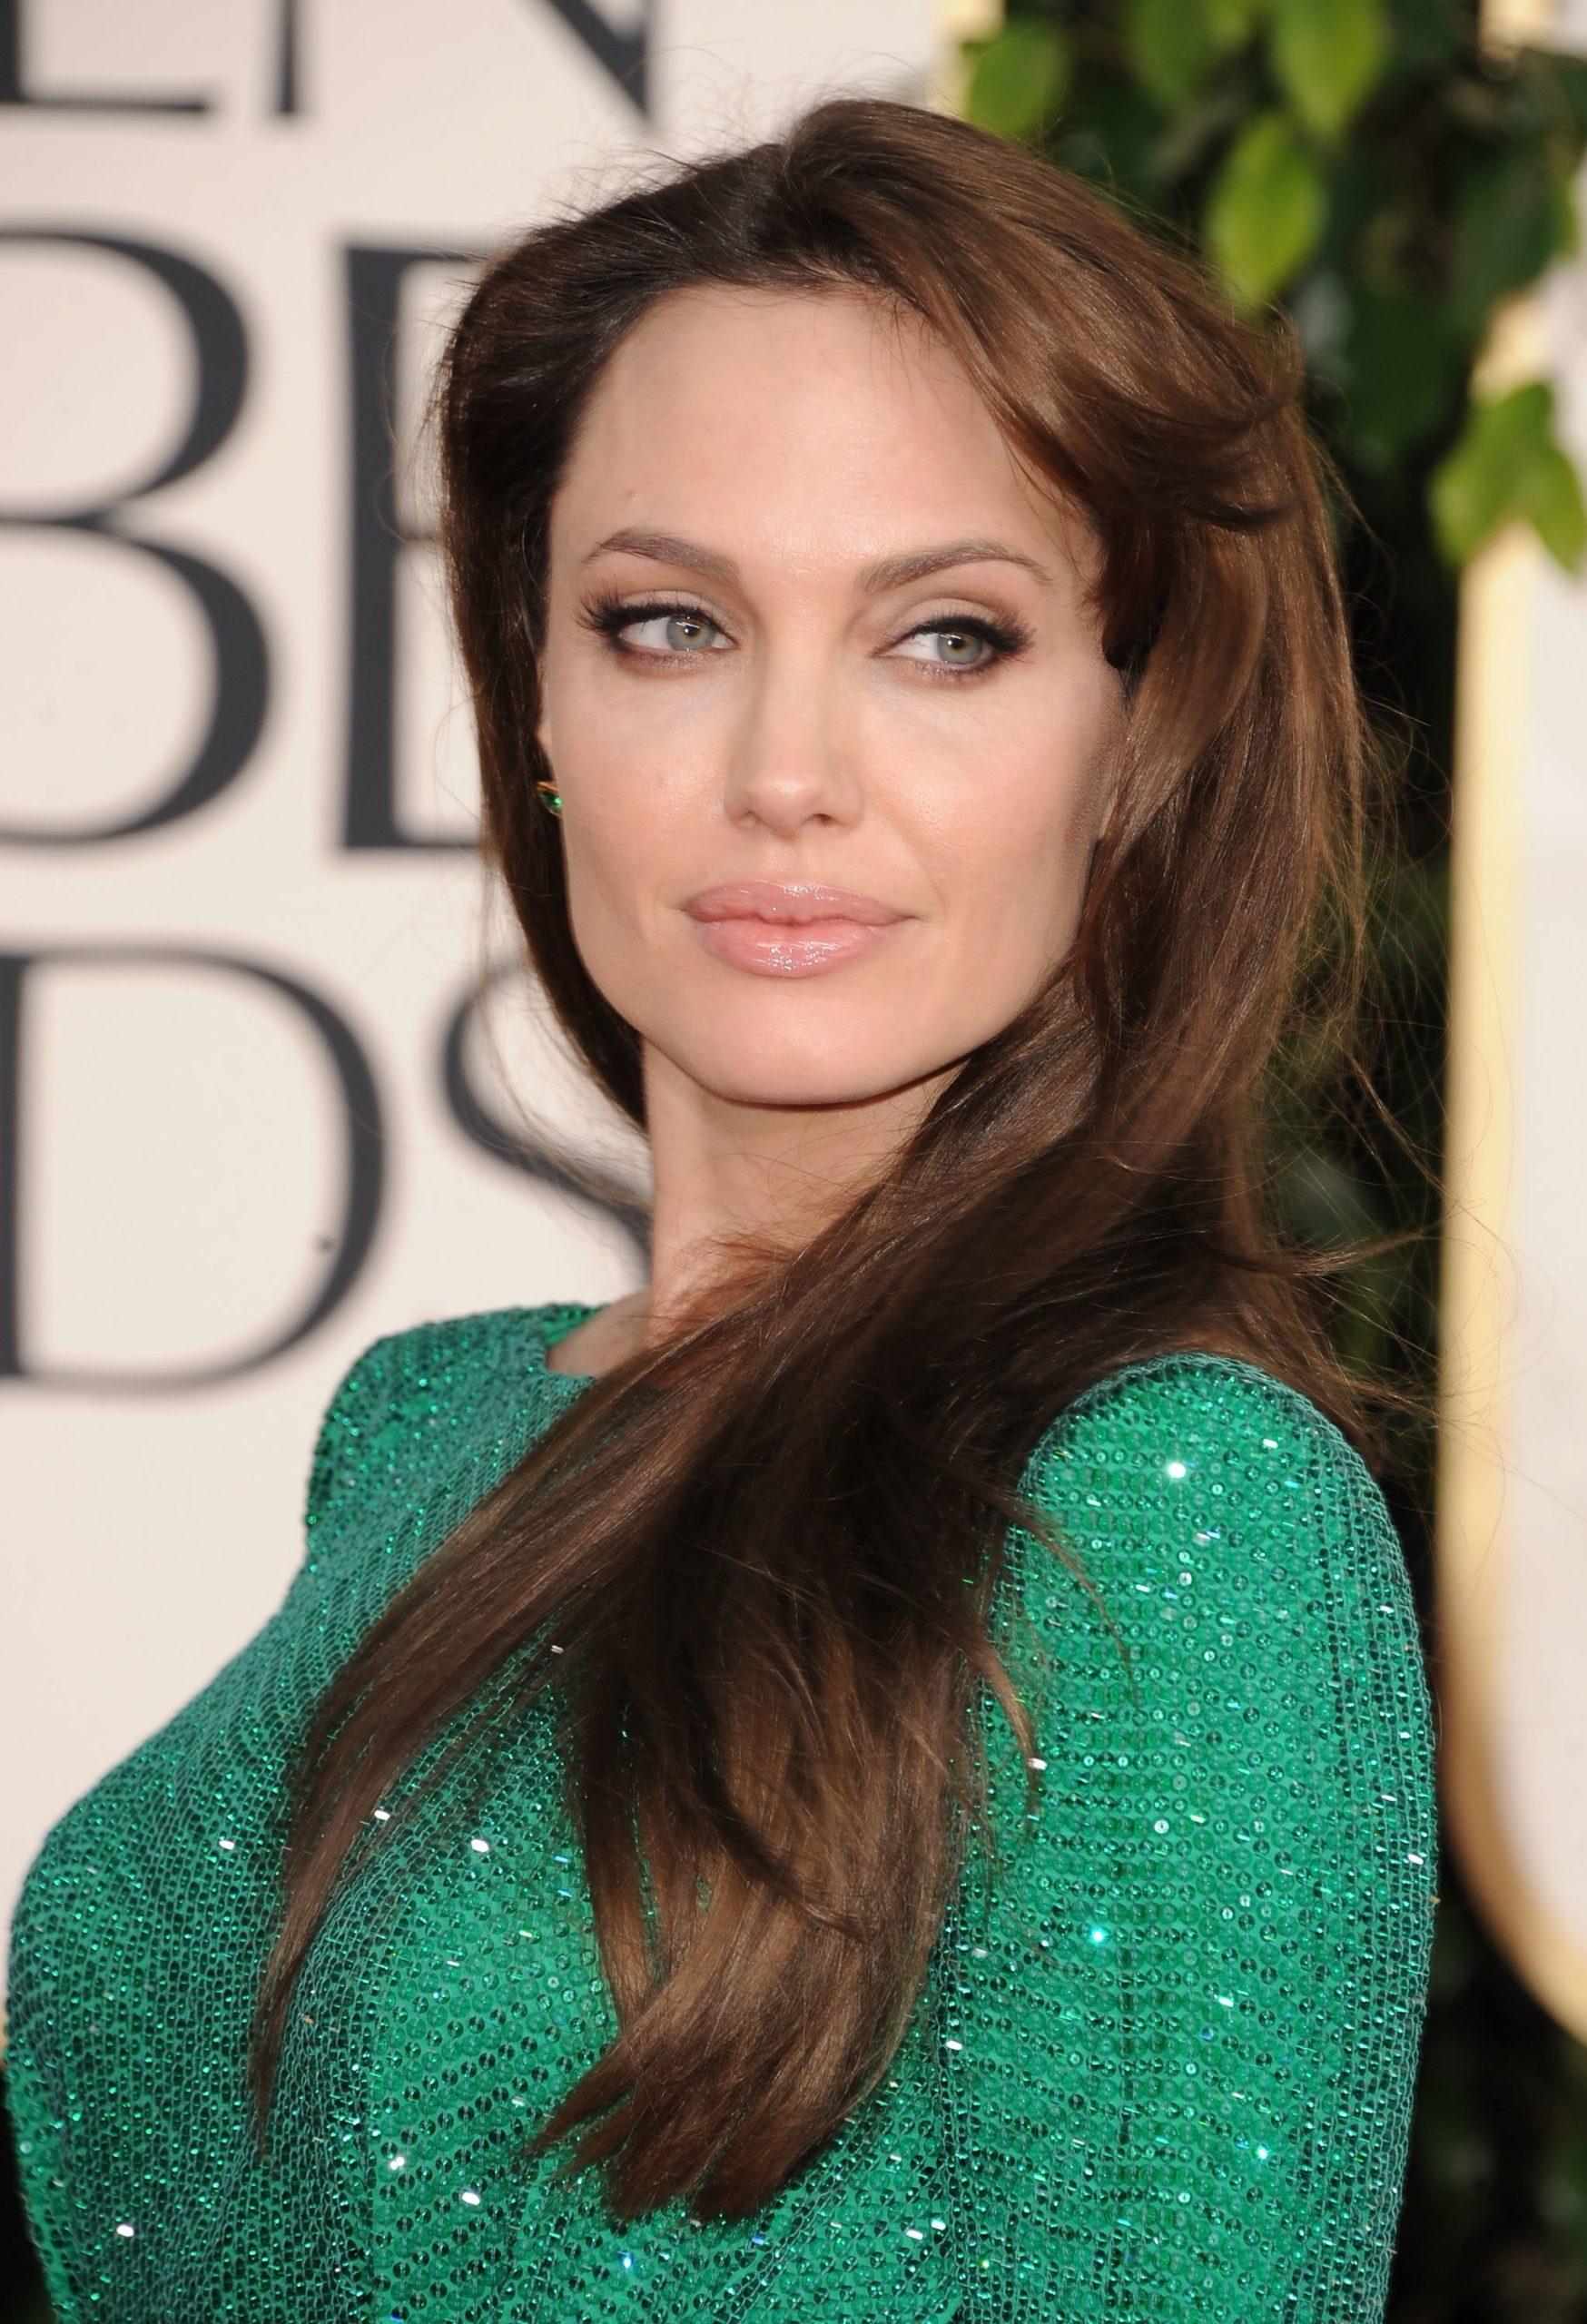 Вечерний макияж под зеленое платье: фото стильных идей